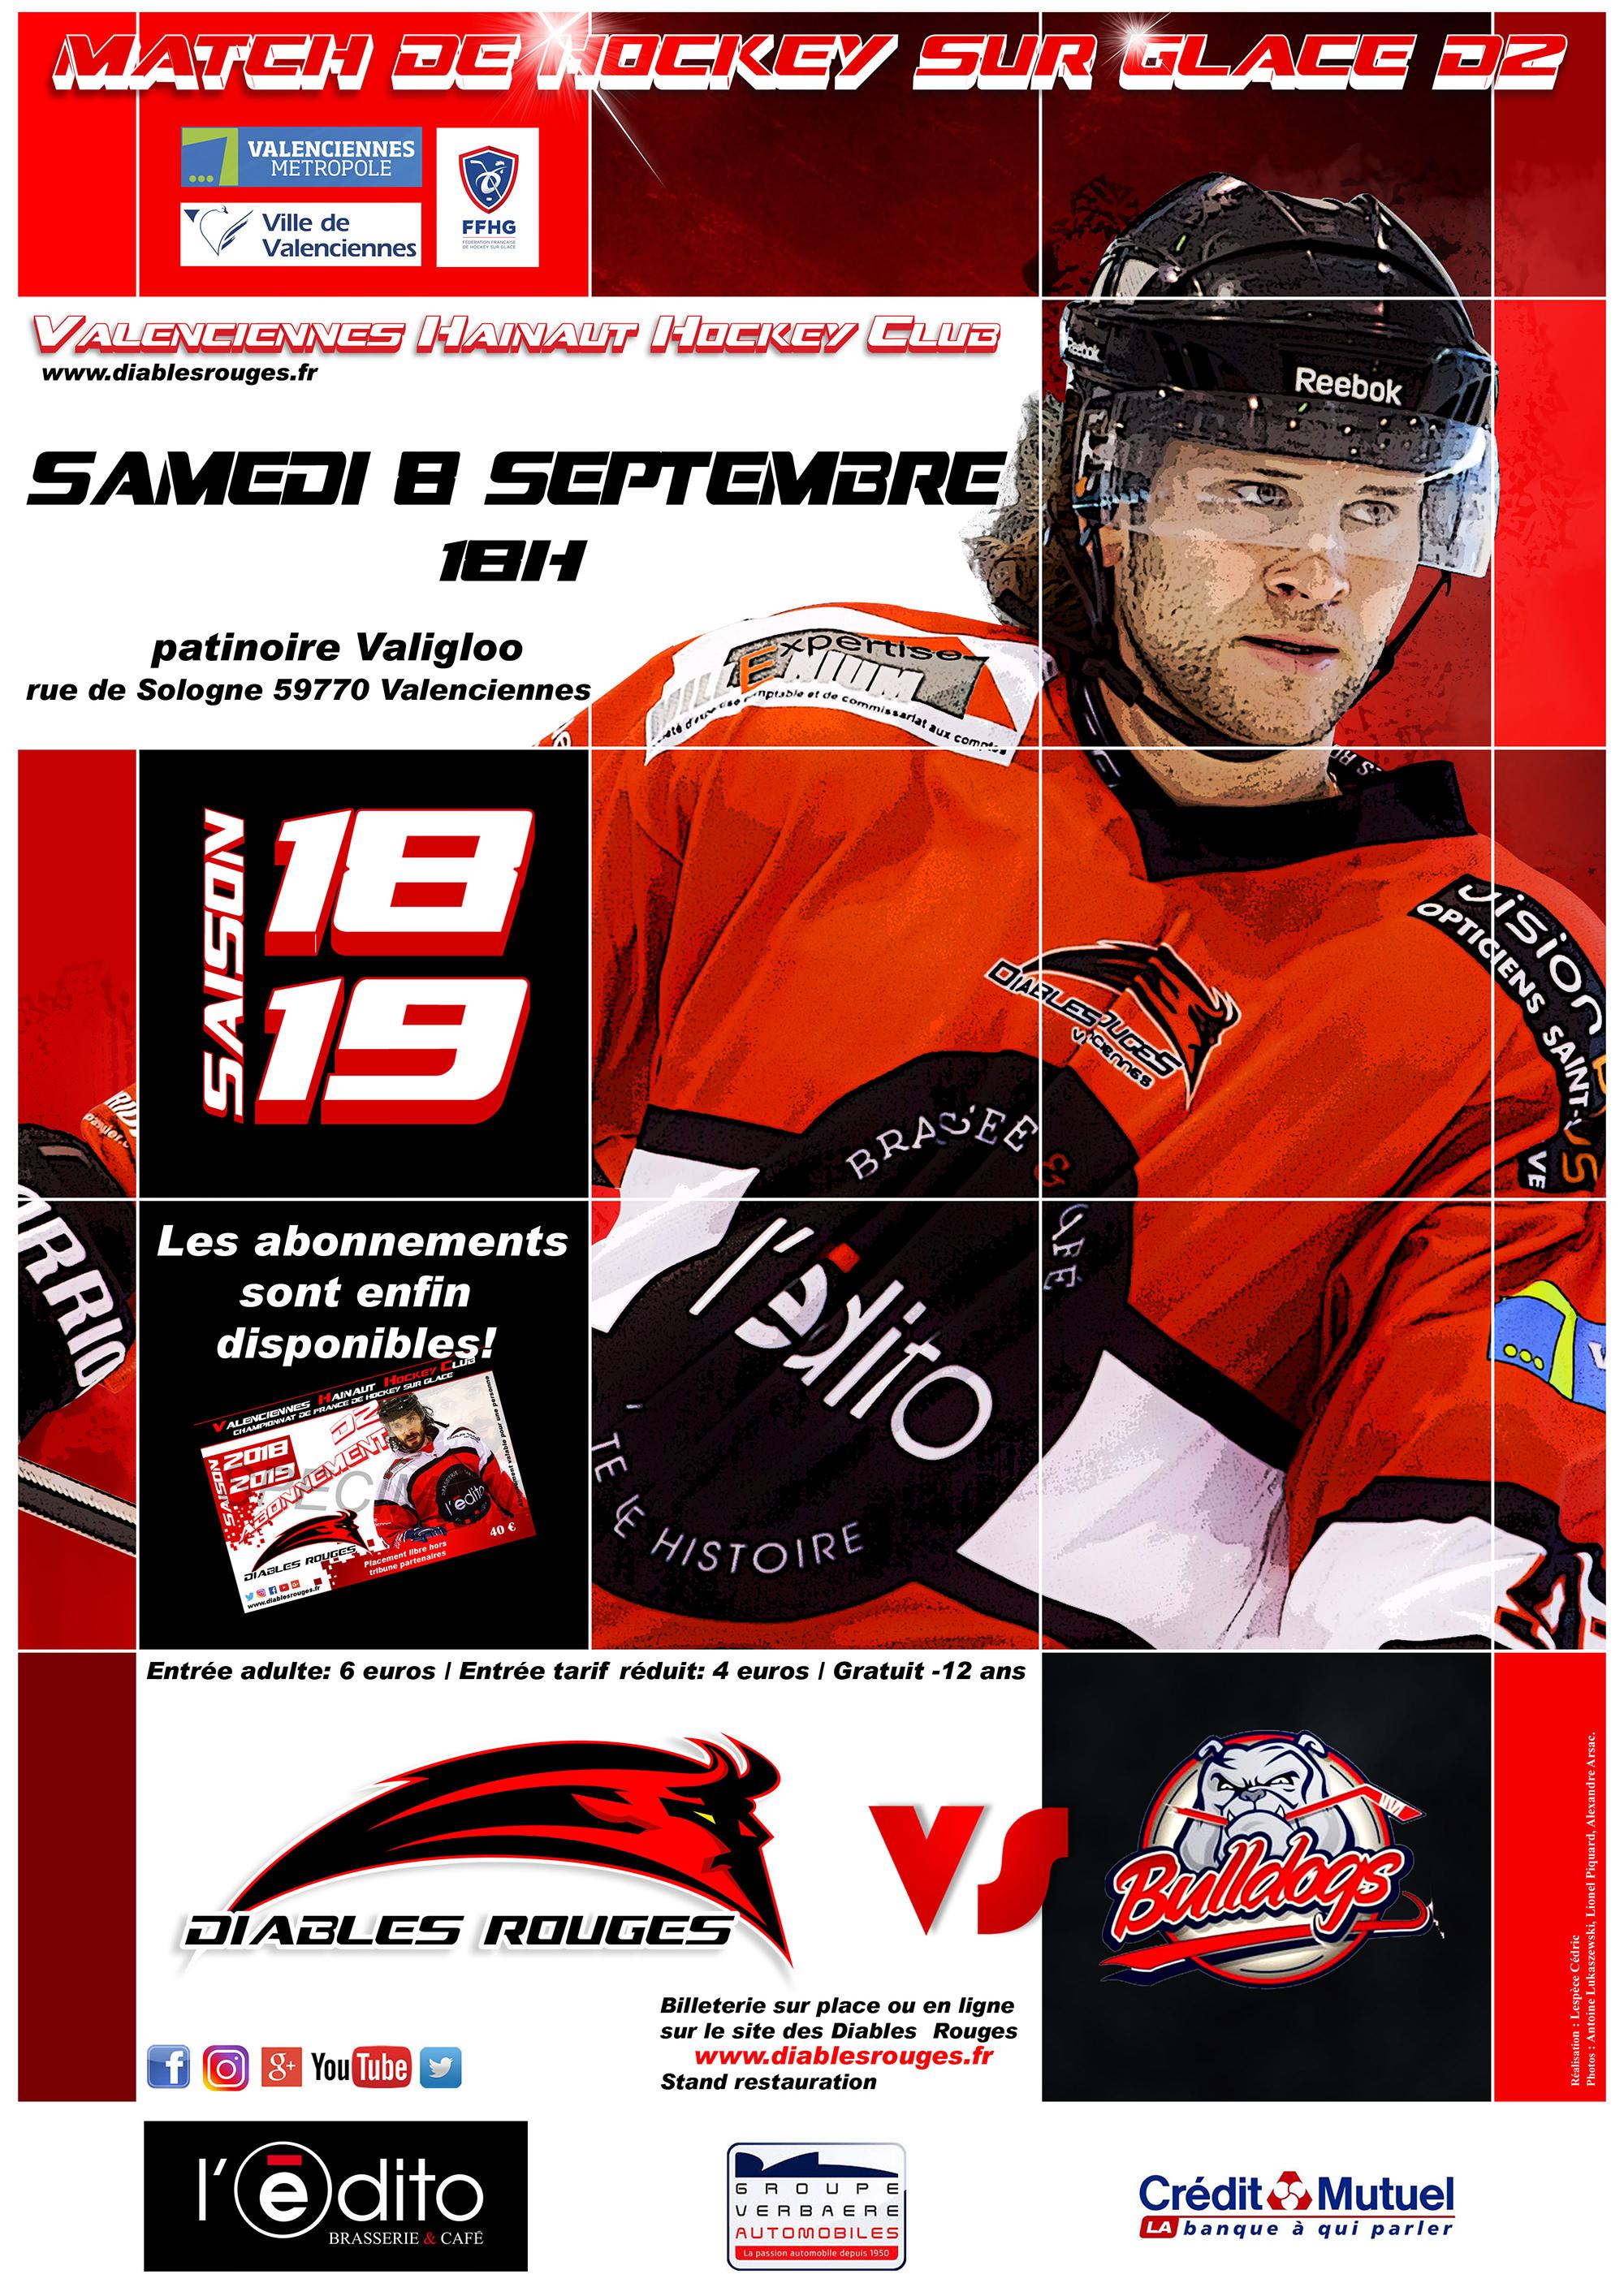 Match amical ce samedi 08 septembre face aux Bulldogs de Liège